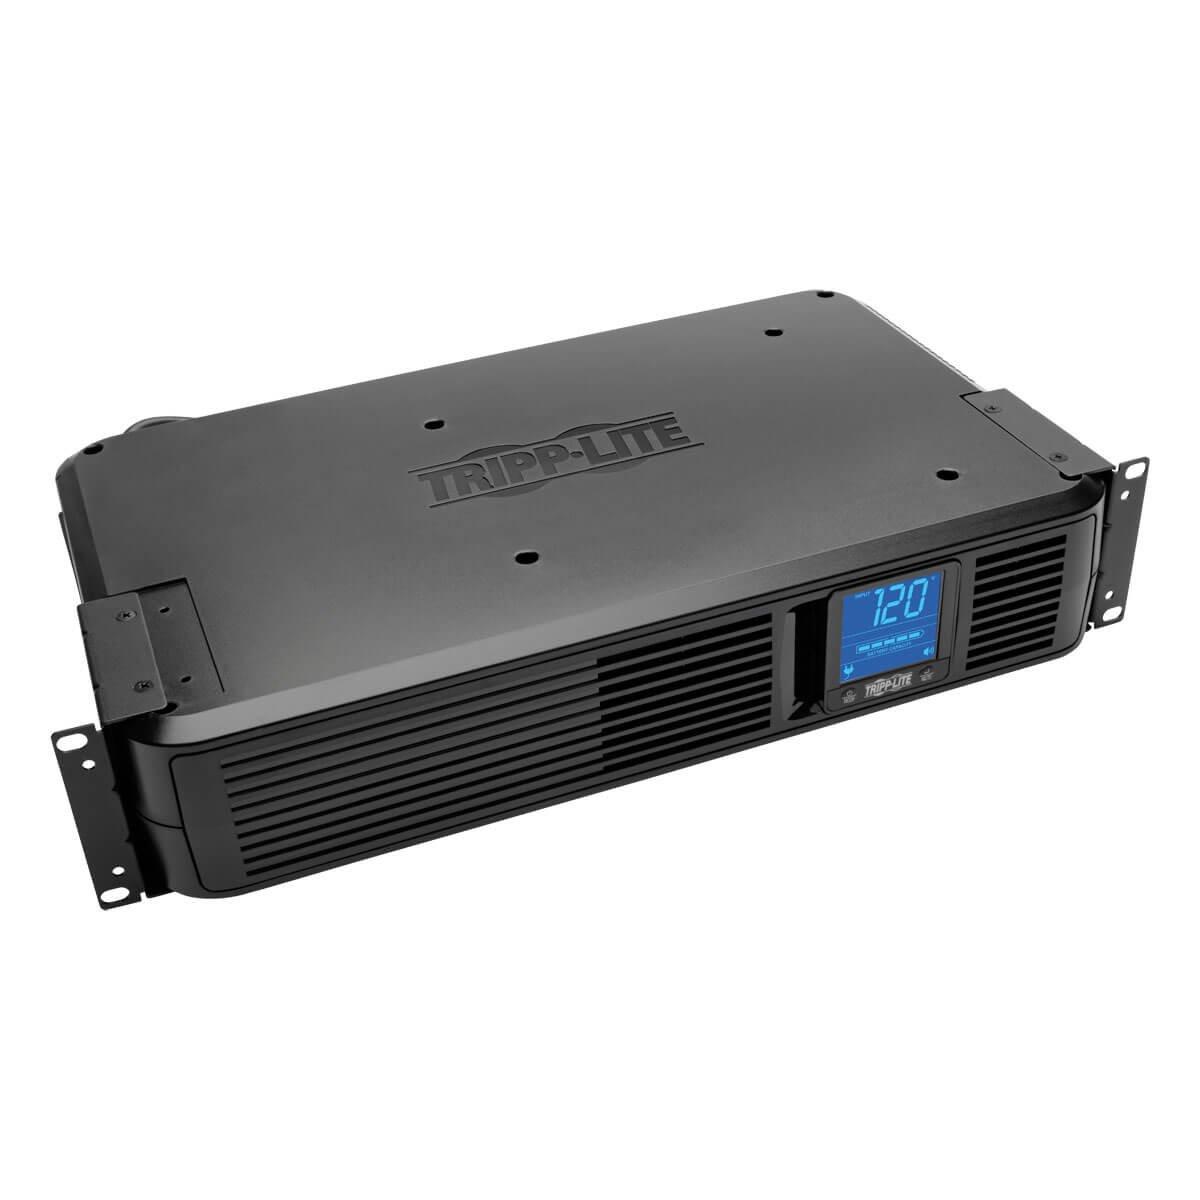 Tripp Lite 1500VA Smart UPS Battery Back Up, 900W Rack-Mount/Tower, LCD, AVR, USB, DB9, 3 Year Warranty & $250,000 Insurance (SMART1500LCD) by Tripp Lite